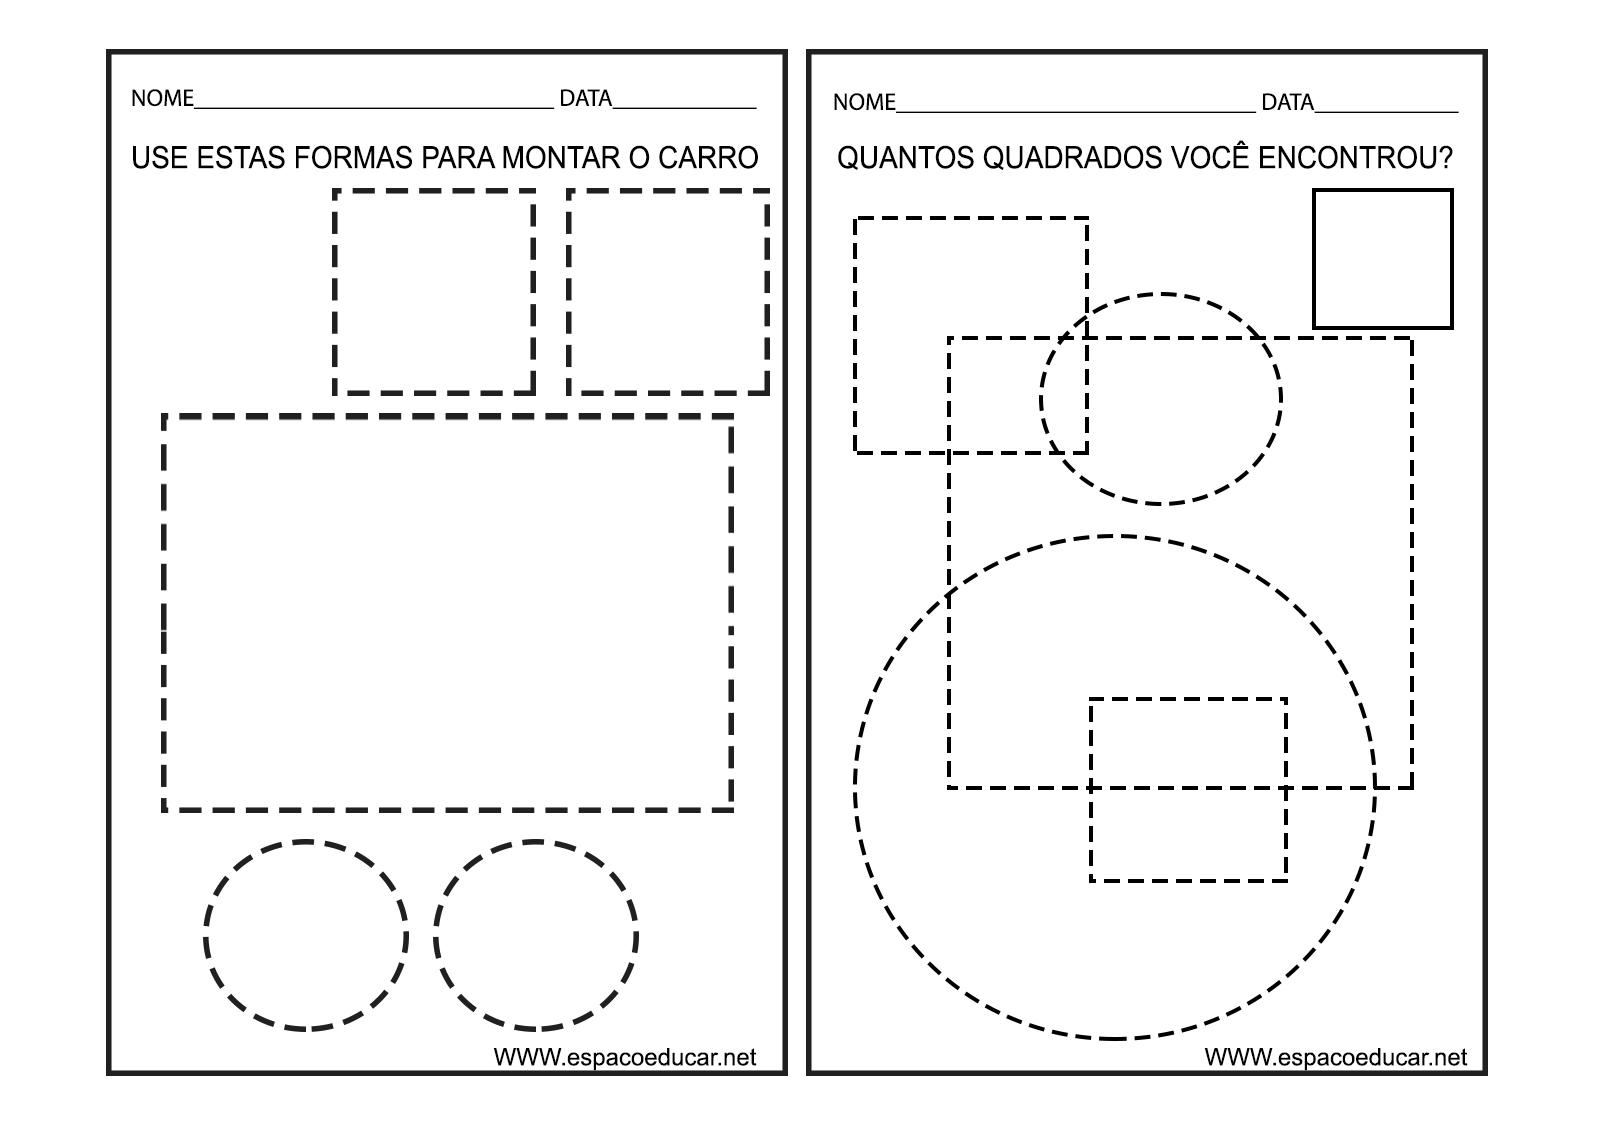 Fabuloso ESPAÇO EDUCAR: Caderno de Atividades Cores e Formas para Educação  BL99